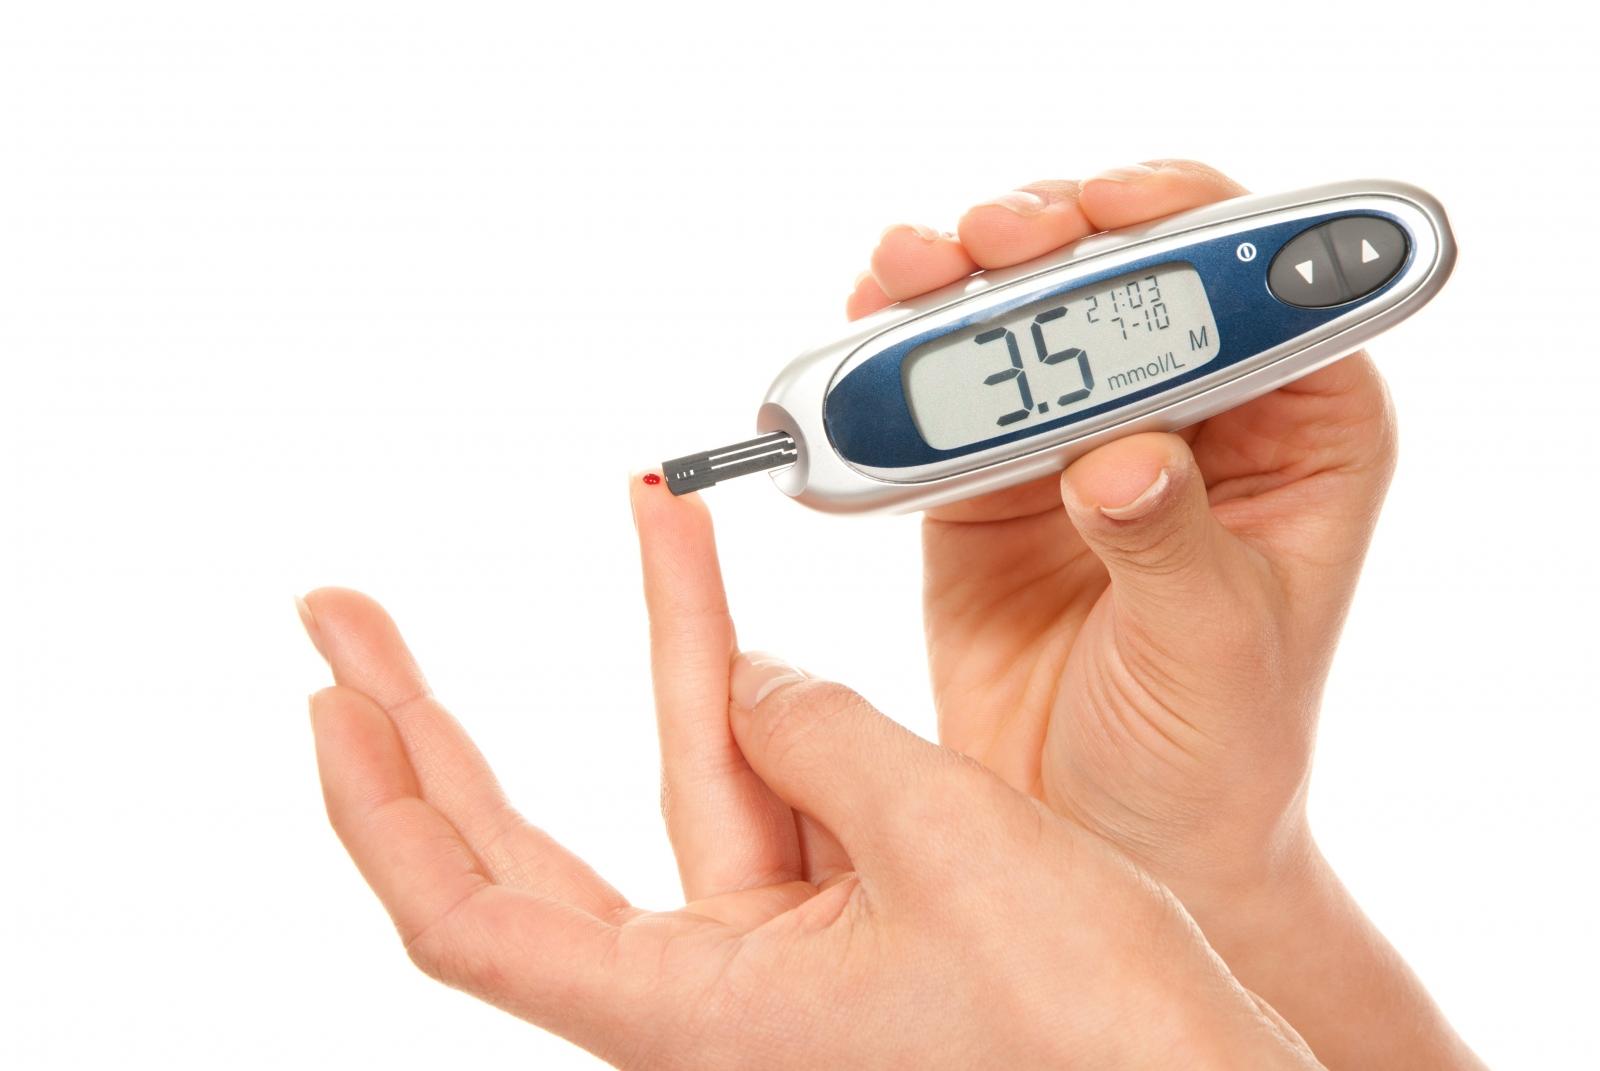 تاثیرات معجزه آسا 14 گیاه در درمان سطح پایین قند خون